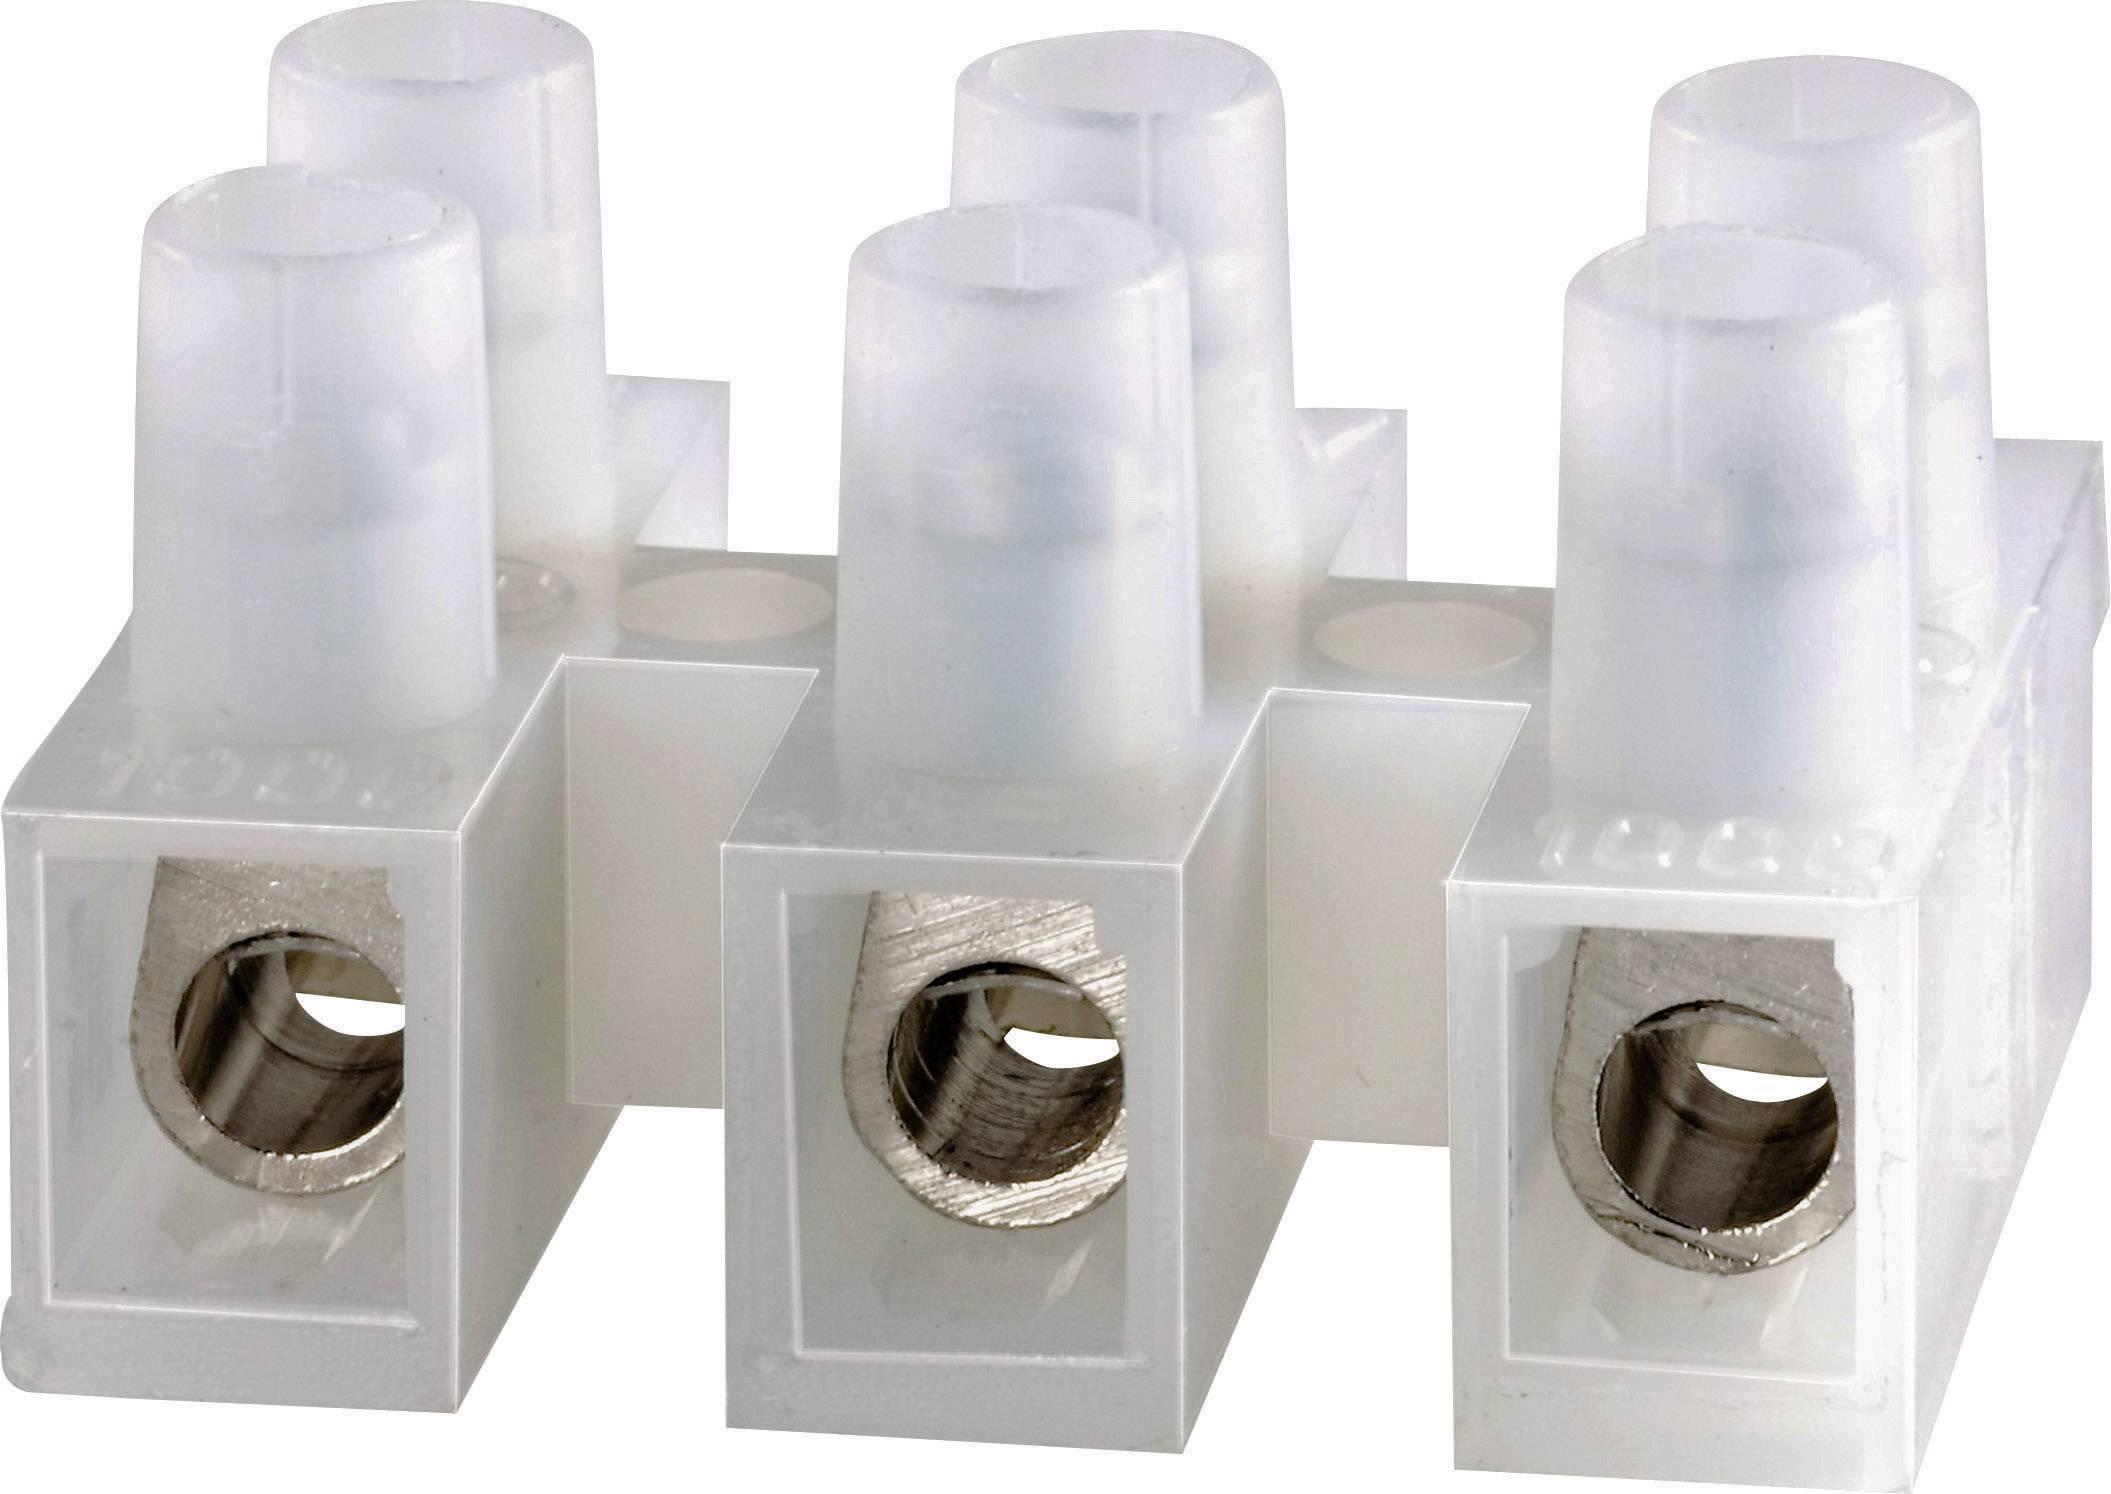 Svietidlové svorky Adels-Contact 500/335 DS na kábel s rozmerom -2.5 mm², pólů 3, 1 ks, prírodná